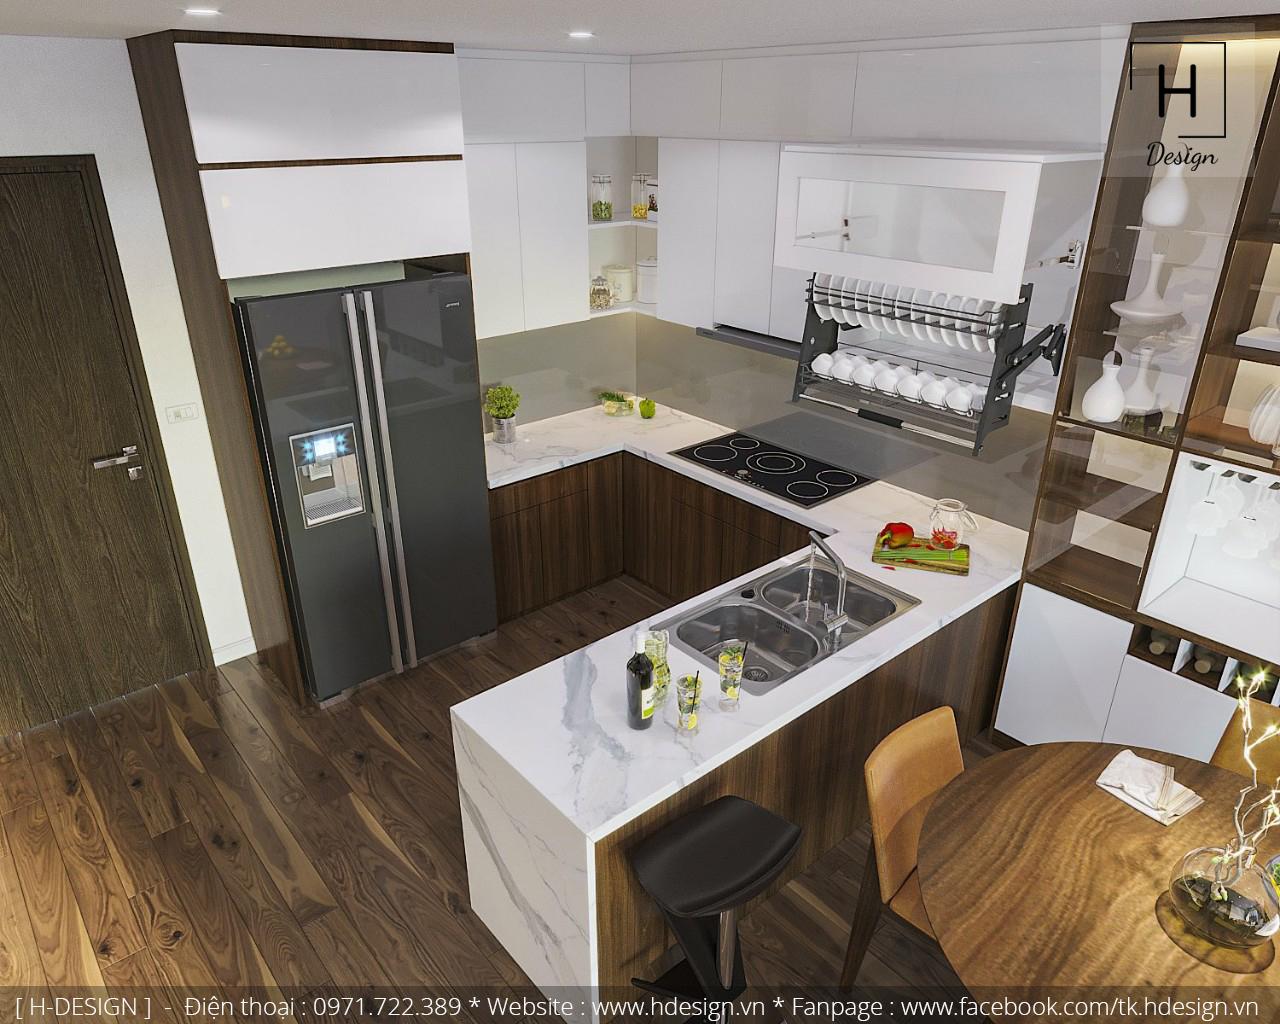 Thiết kế không gian bếp hiện đại tiện nghi cho căn hộ chung cư 2 phòng ngủ tại Kosmo Tây Hồ